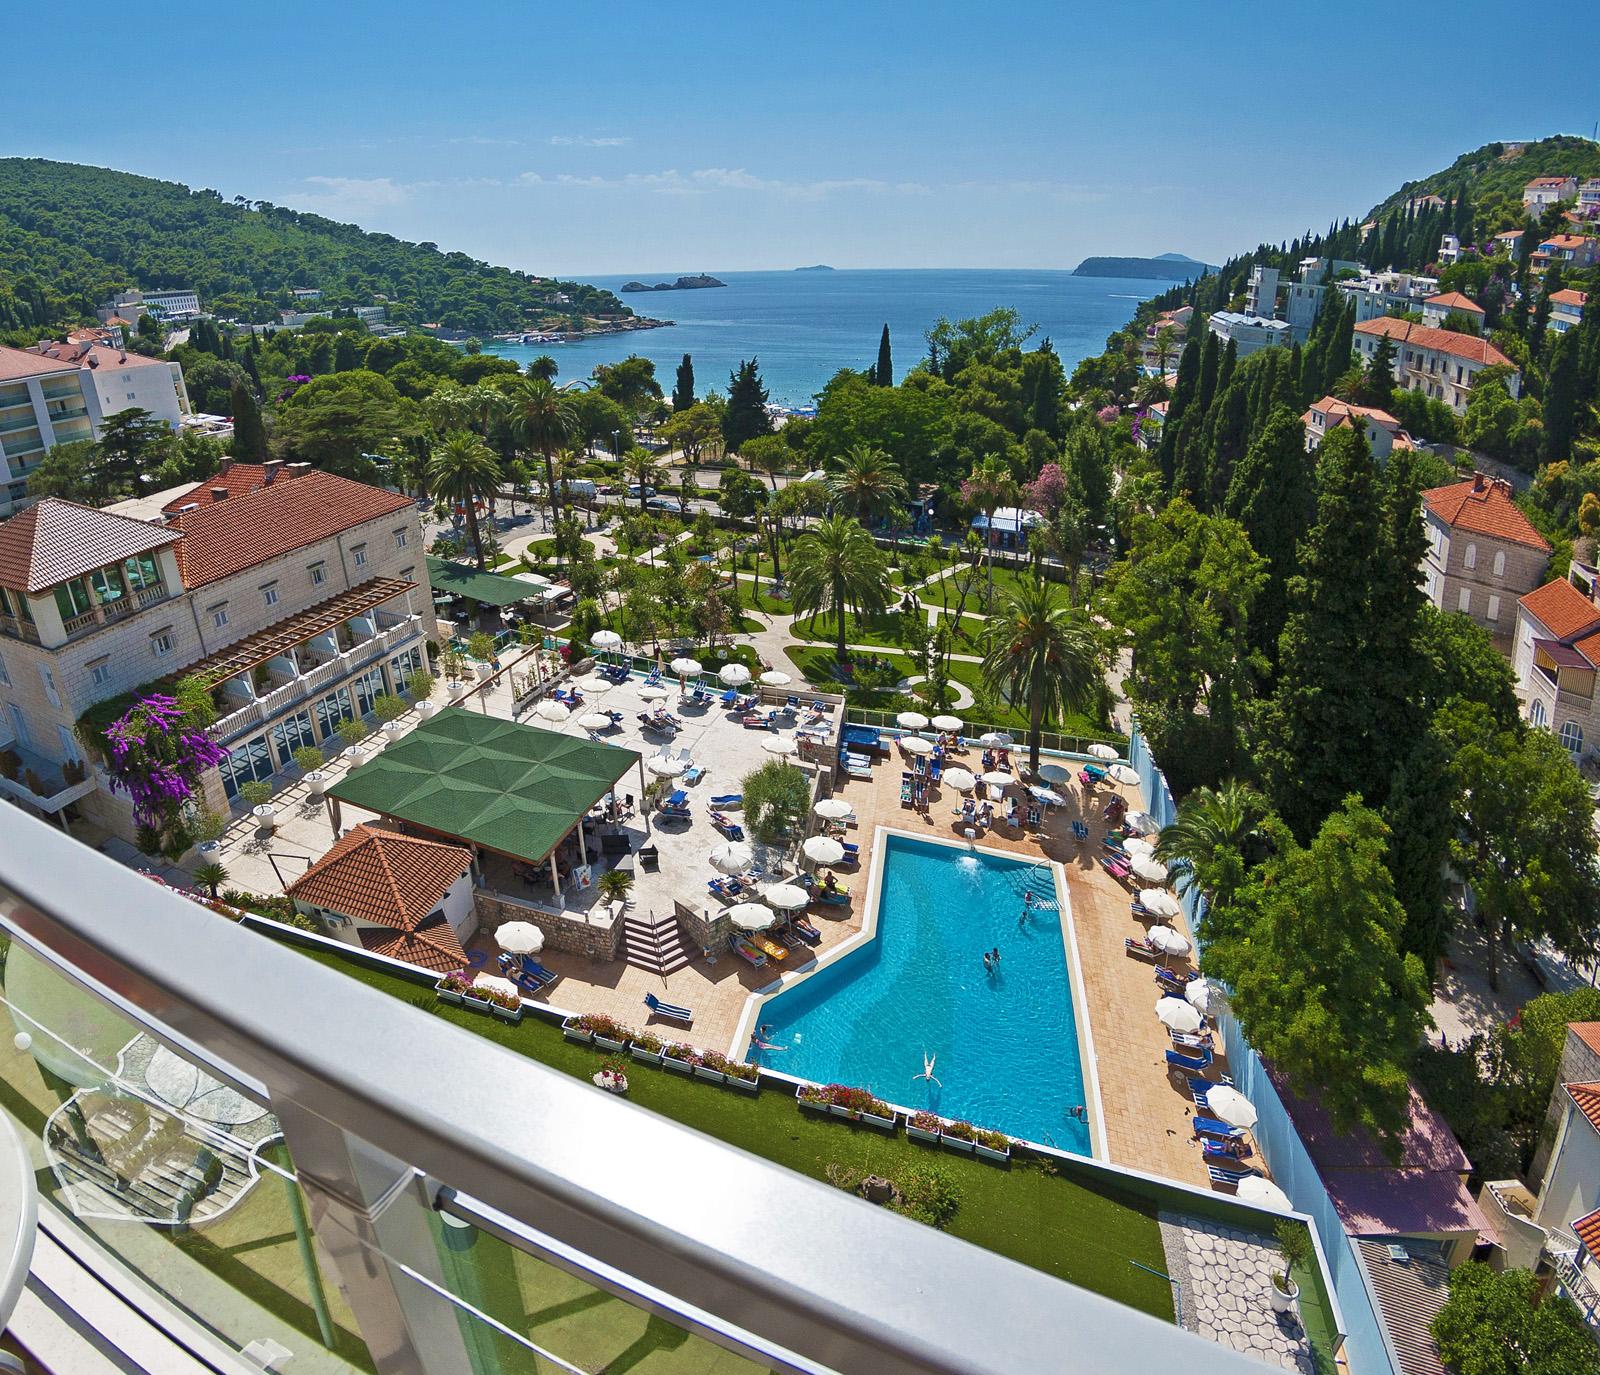 Dubrovnik Hotels Grand Hotel Dubrovnik Park Four Star Hotel Accommodation Dubrovnik